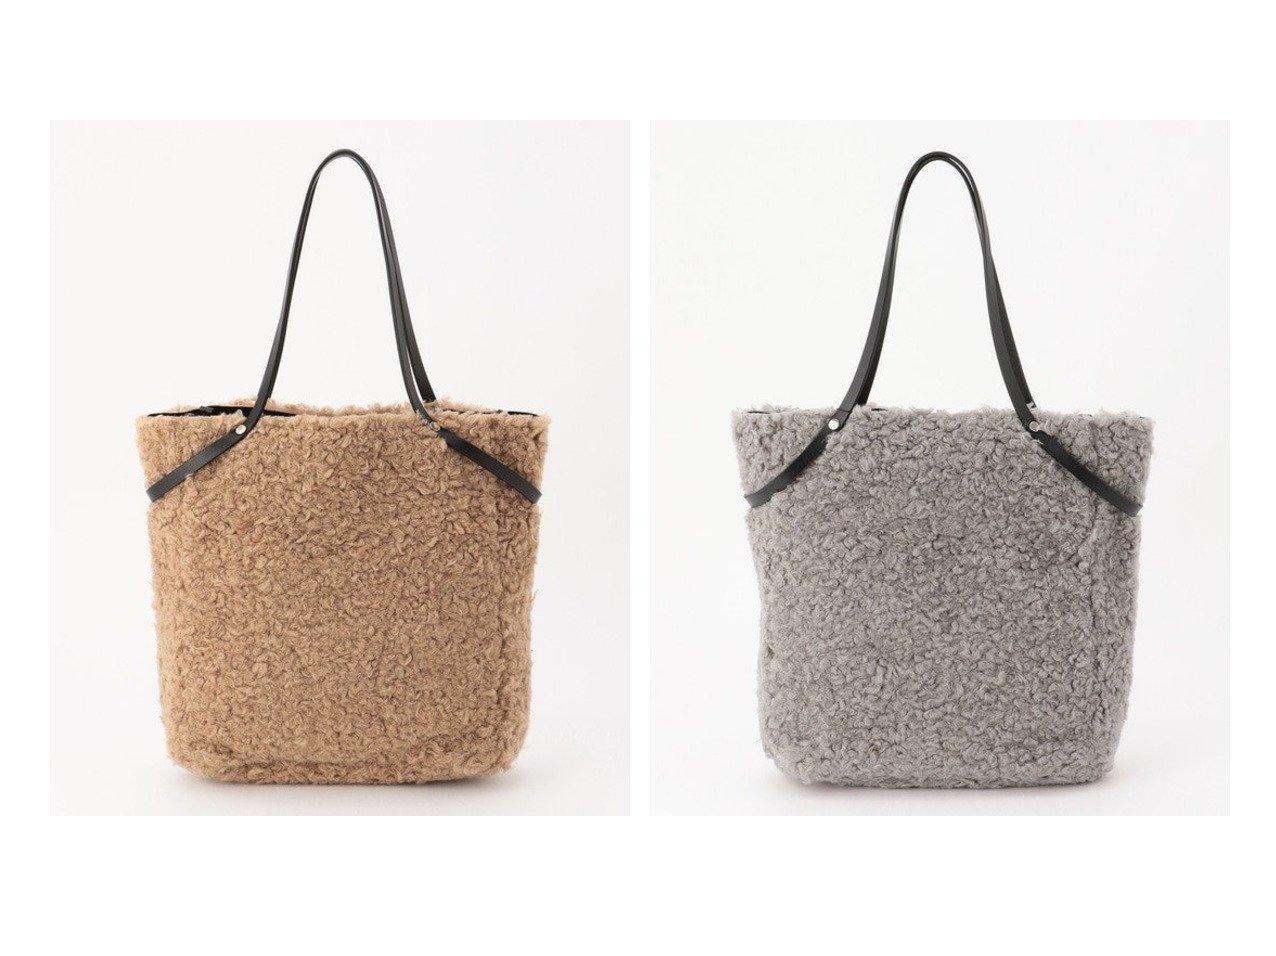 【iCB/アイシービー】の2way ファーバッグ バッグ・鞄のおすすめ!人気、トレンド・レディースファッションの通販  おすすめで人気の流行・トレンド、ファッションの通販商品 メンズファッション・キッズファッション・インテリア・家具・レディースファッション・服の通販 founy(ファニー) https://founy.com/ ファッション Fashion レディースファッション WOMEN バッグ Bag 送料無料 Free Shipping ショルダー ショート 巾着 A/W 秋冬 AW Autumn/Winter / FW Fall-Winter  ID:crp329100000009934